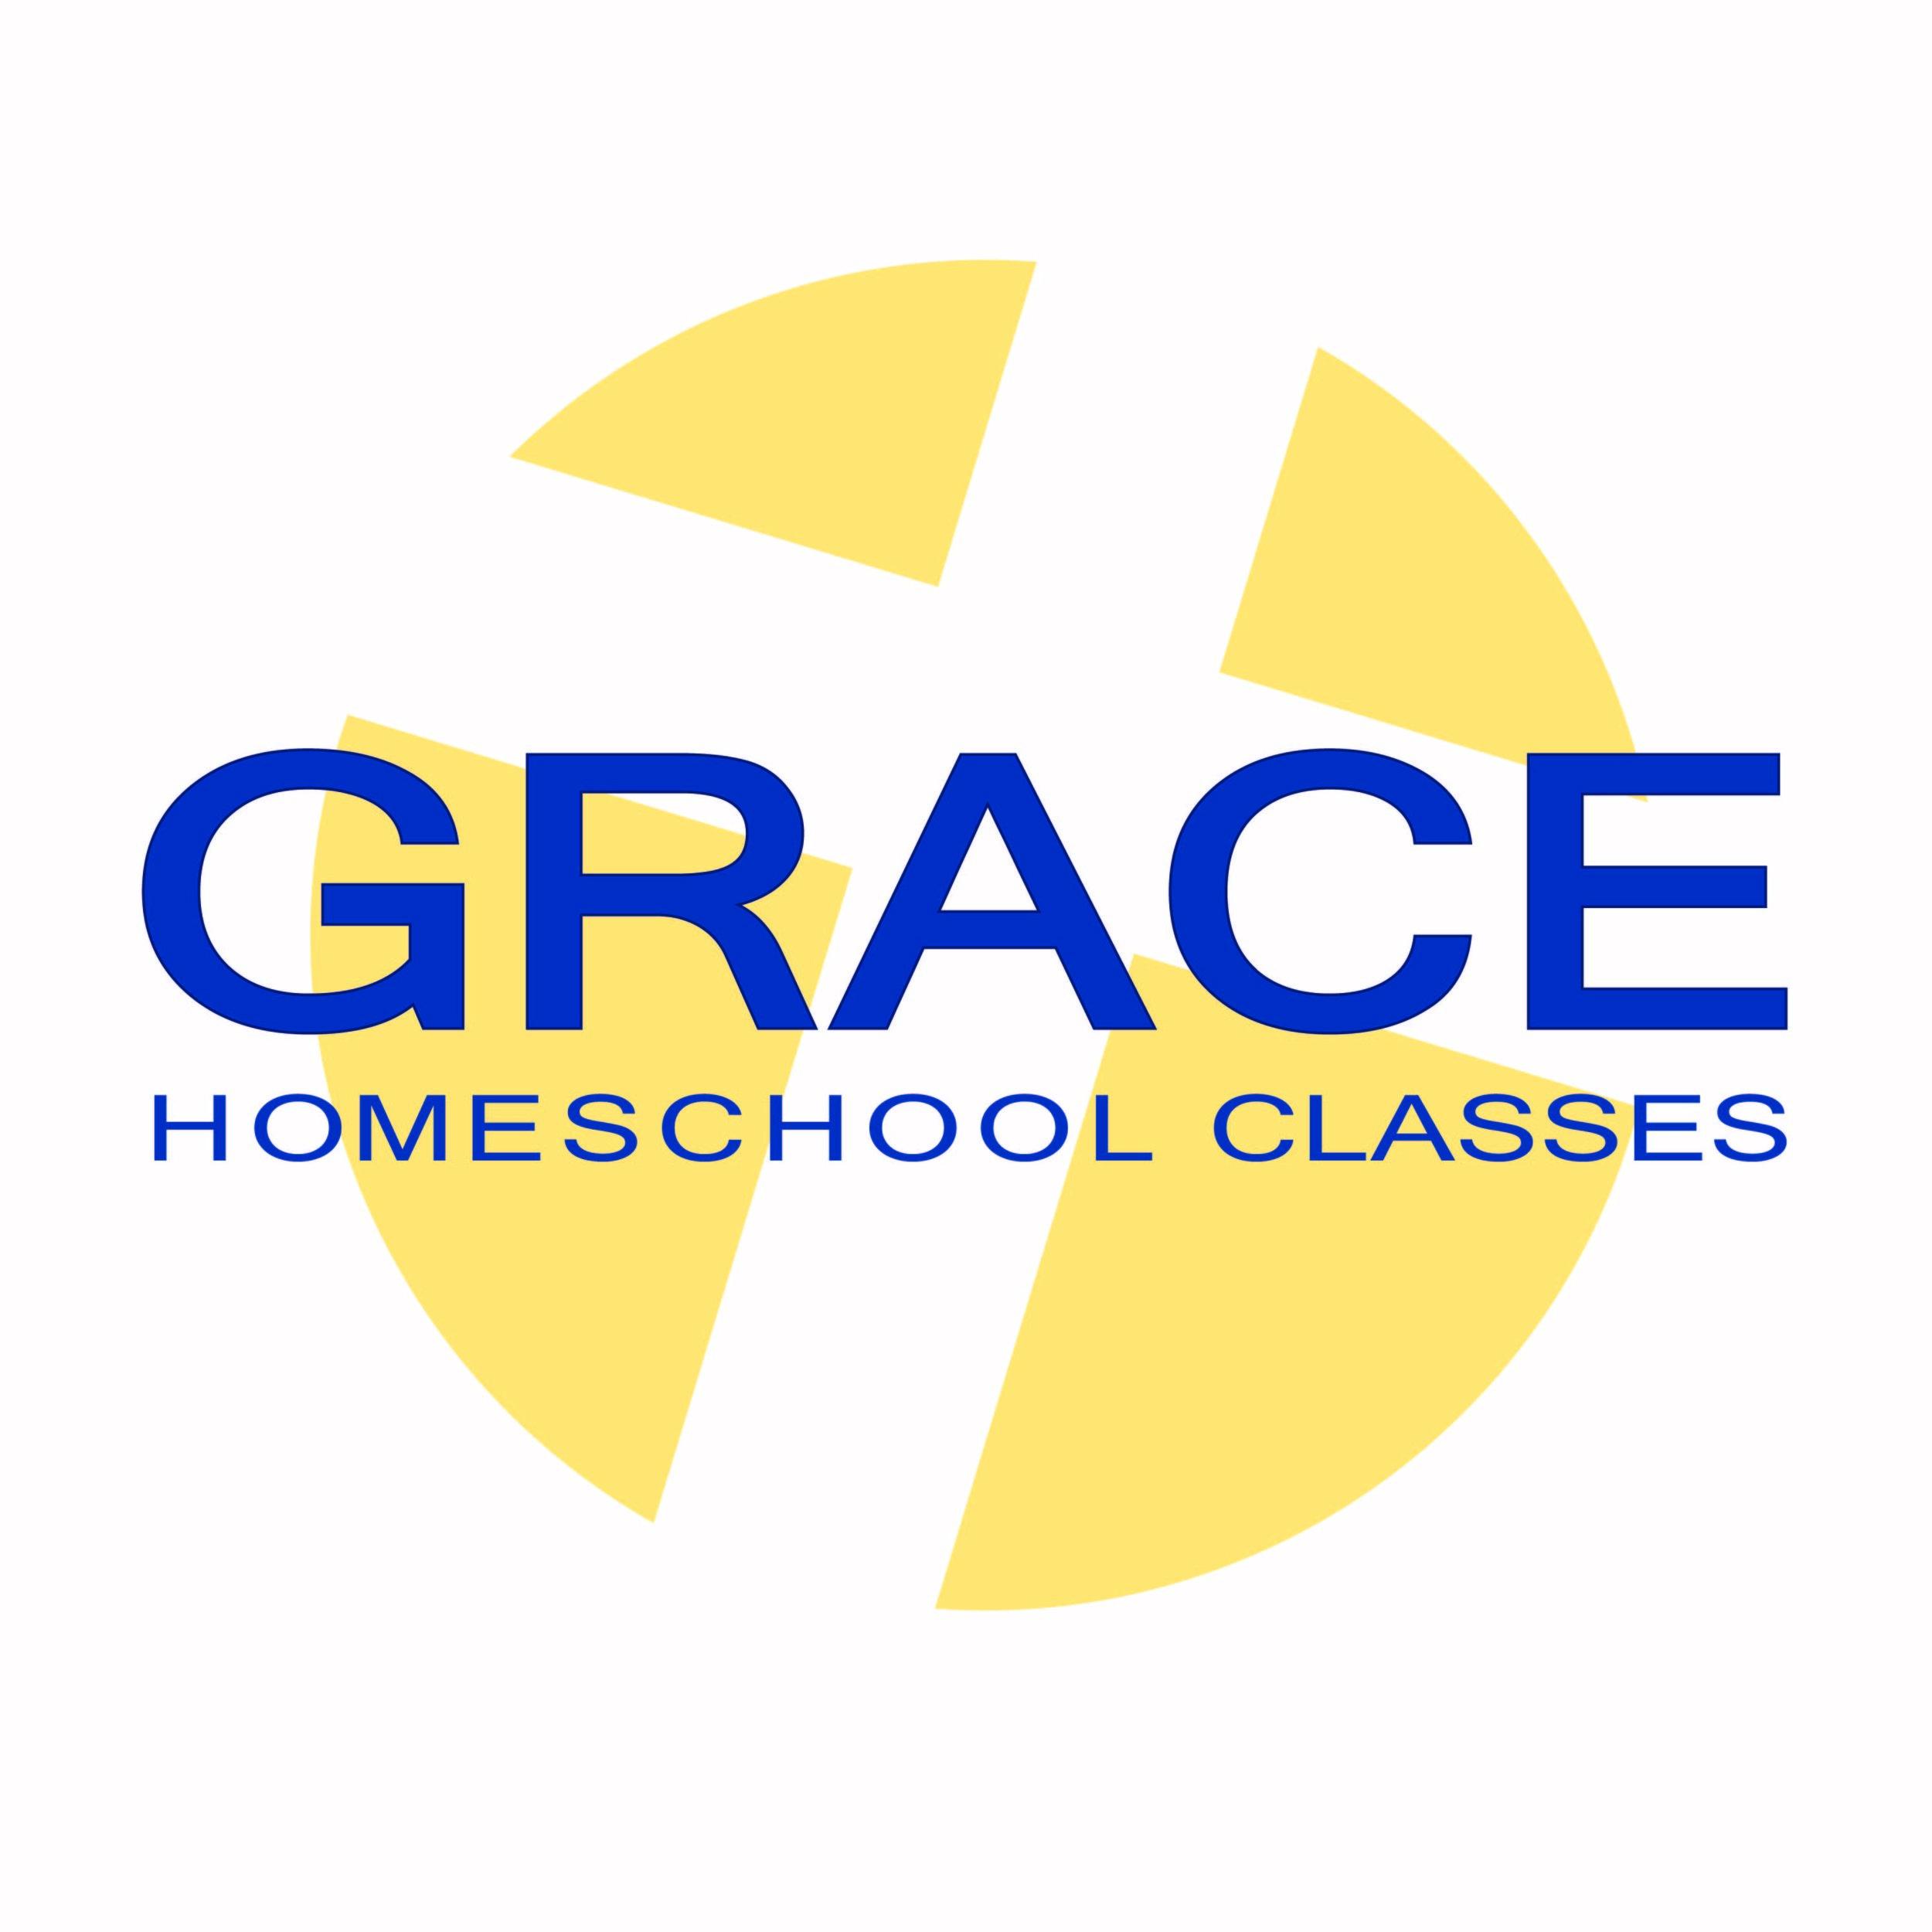 website logo - hclasses-01-01.jpg